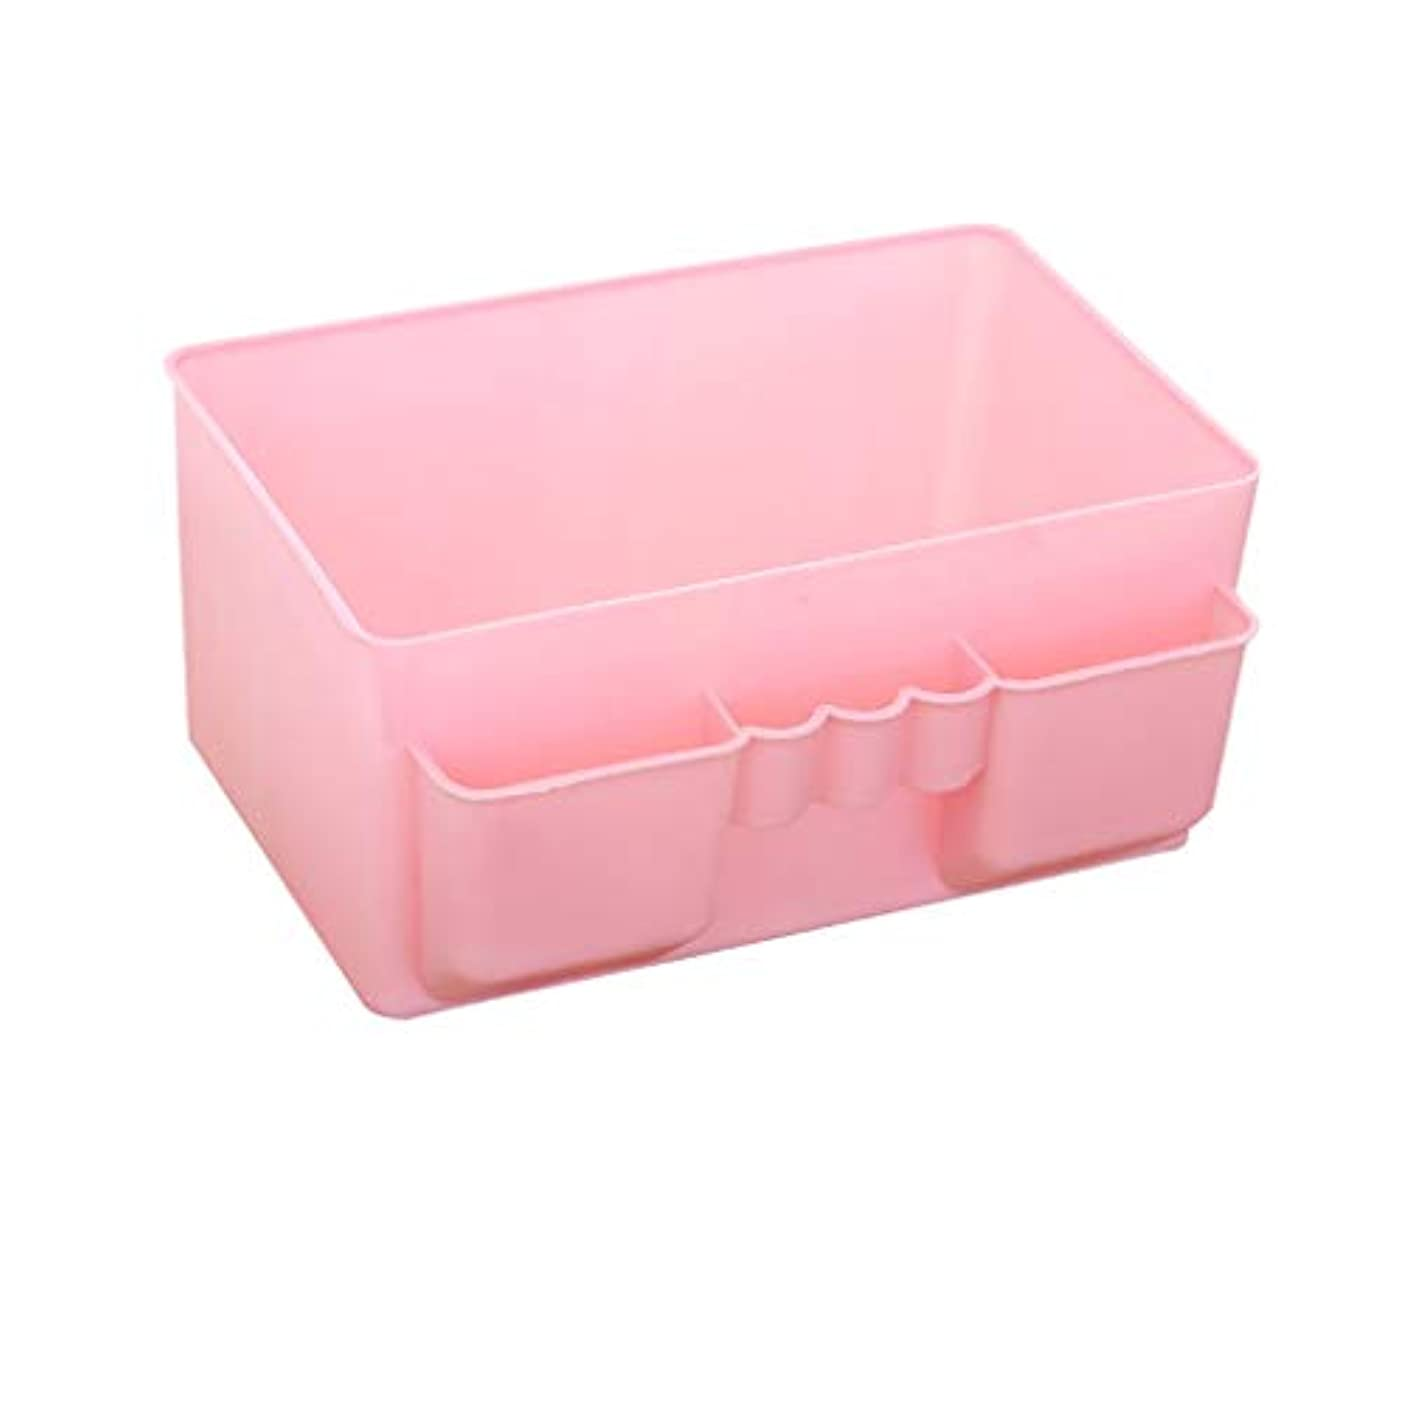 ノベルティ最悪差オフィス収納ラックプラスチック化粧品収納ボックスシンプルなデスクトップ口紅リモートコントロール仕上げボックス (Color : A)